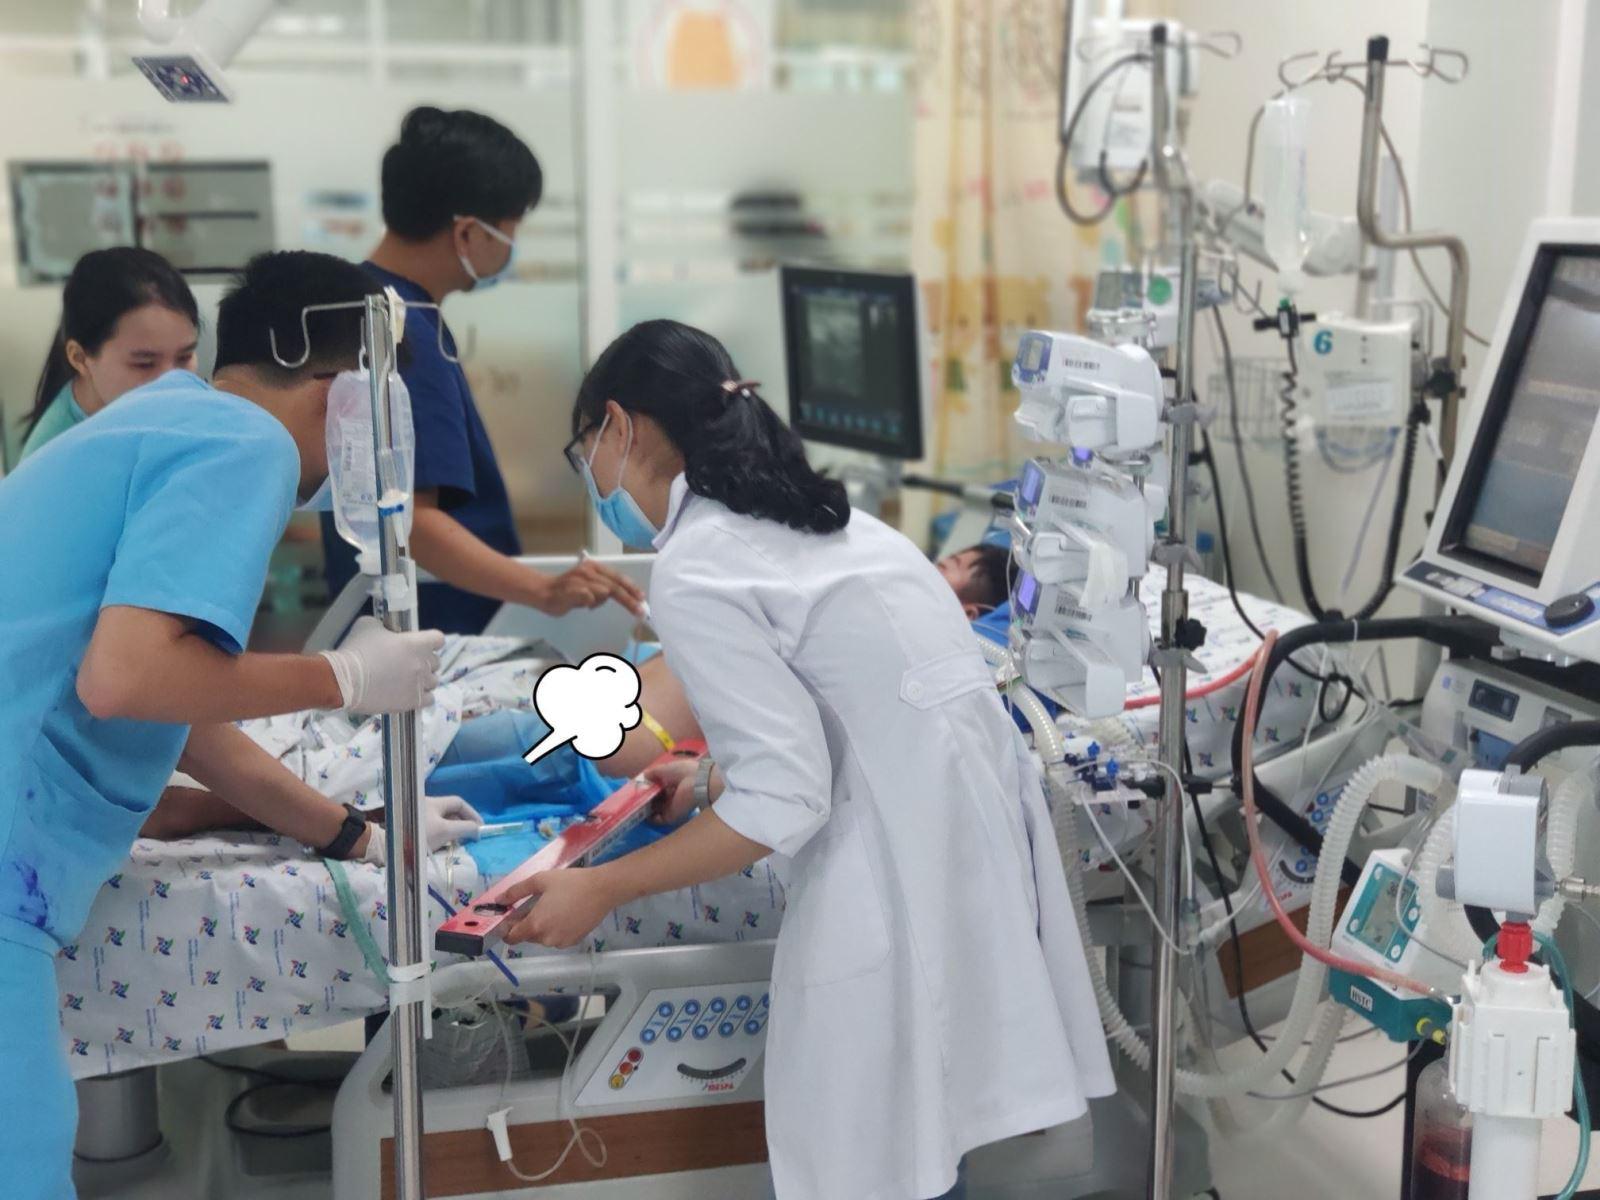 Cảnh báo nguy cơ sốt xuất huyết trên diện rộng, nhiều trường hợp bệnh sốc nặng - Ảnh 1.